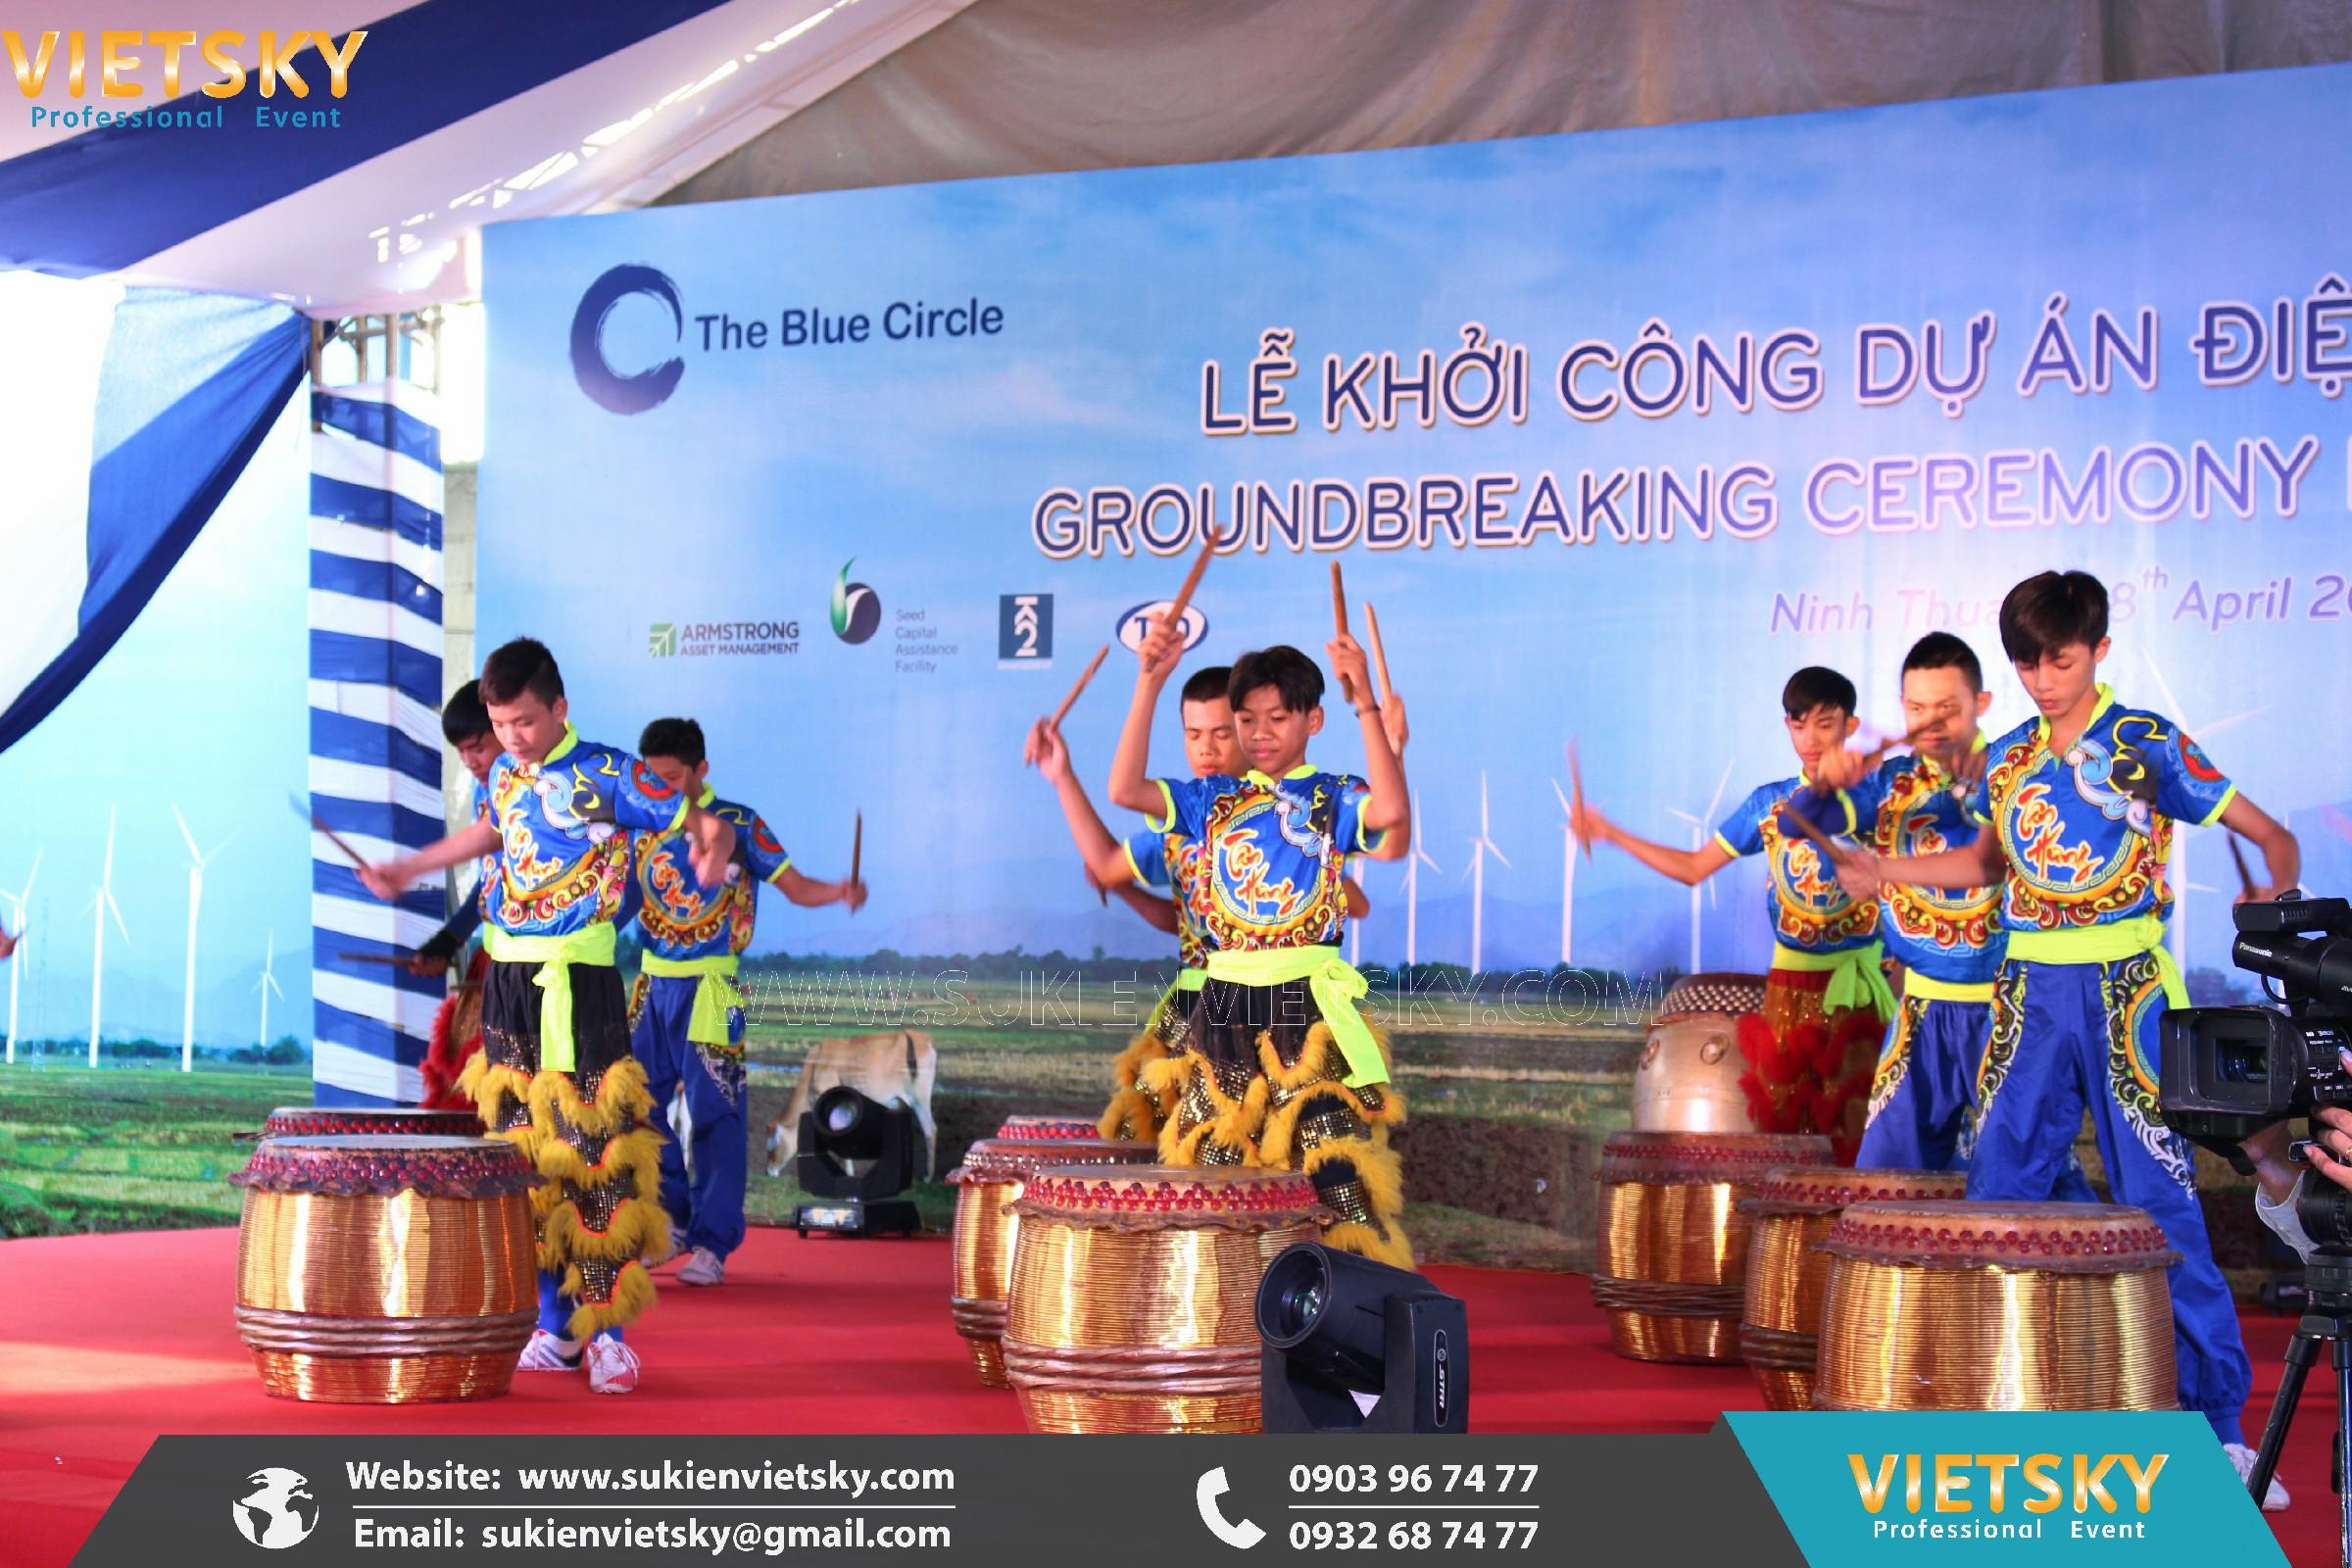 Dịch vụ tổ chức lễ khởi công chuyên nghiệp tại Tuyên Quang